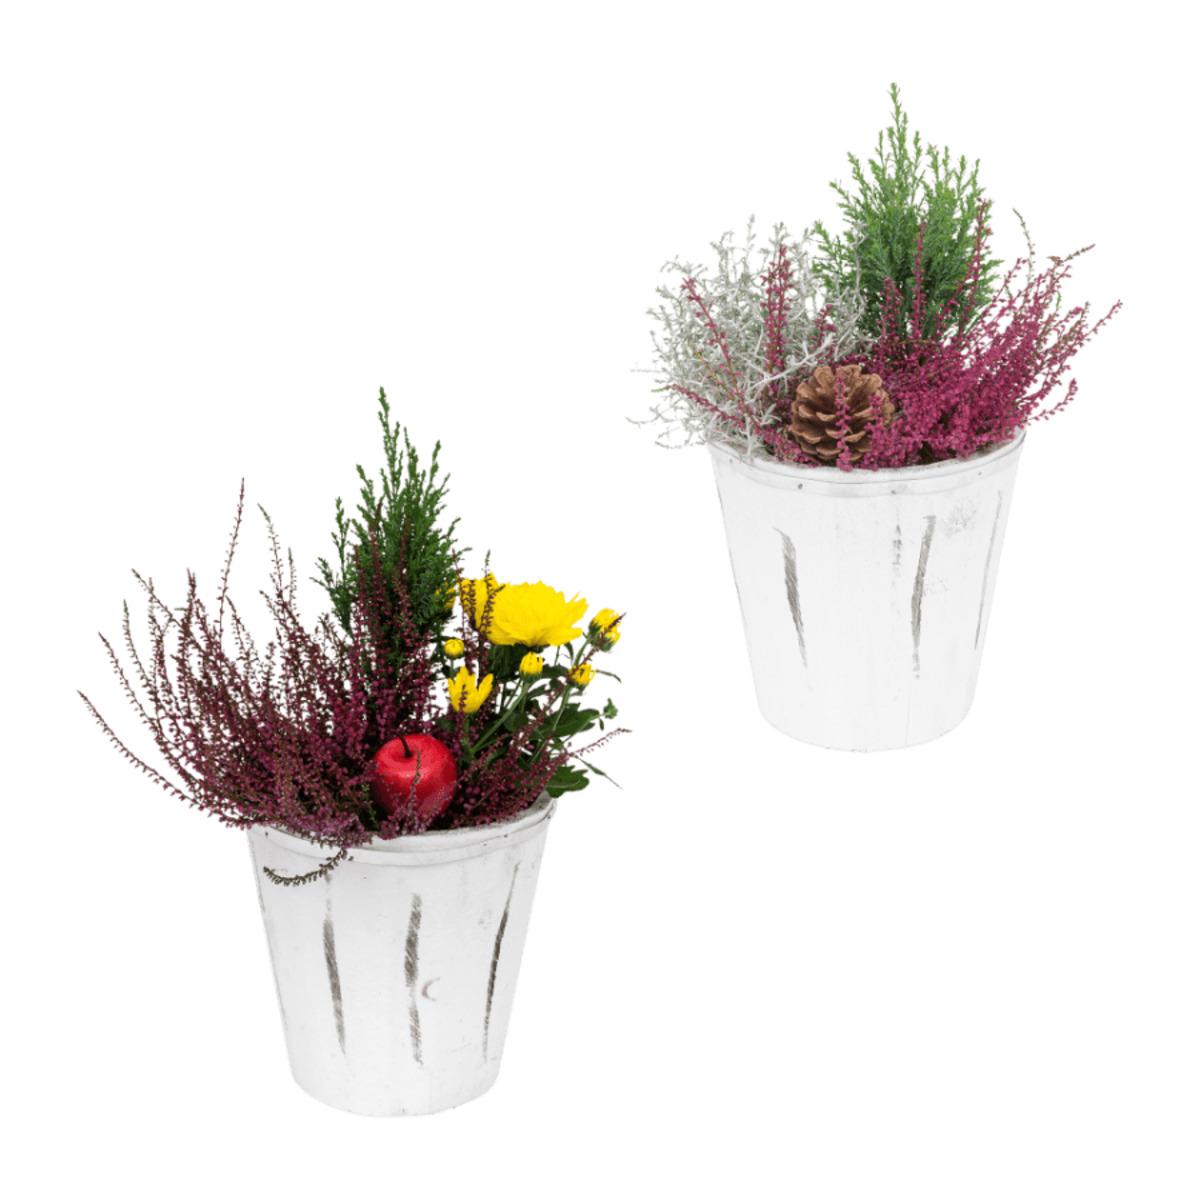 Bild 1 von GARDENLINE Bepflanztes Holzgefäß